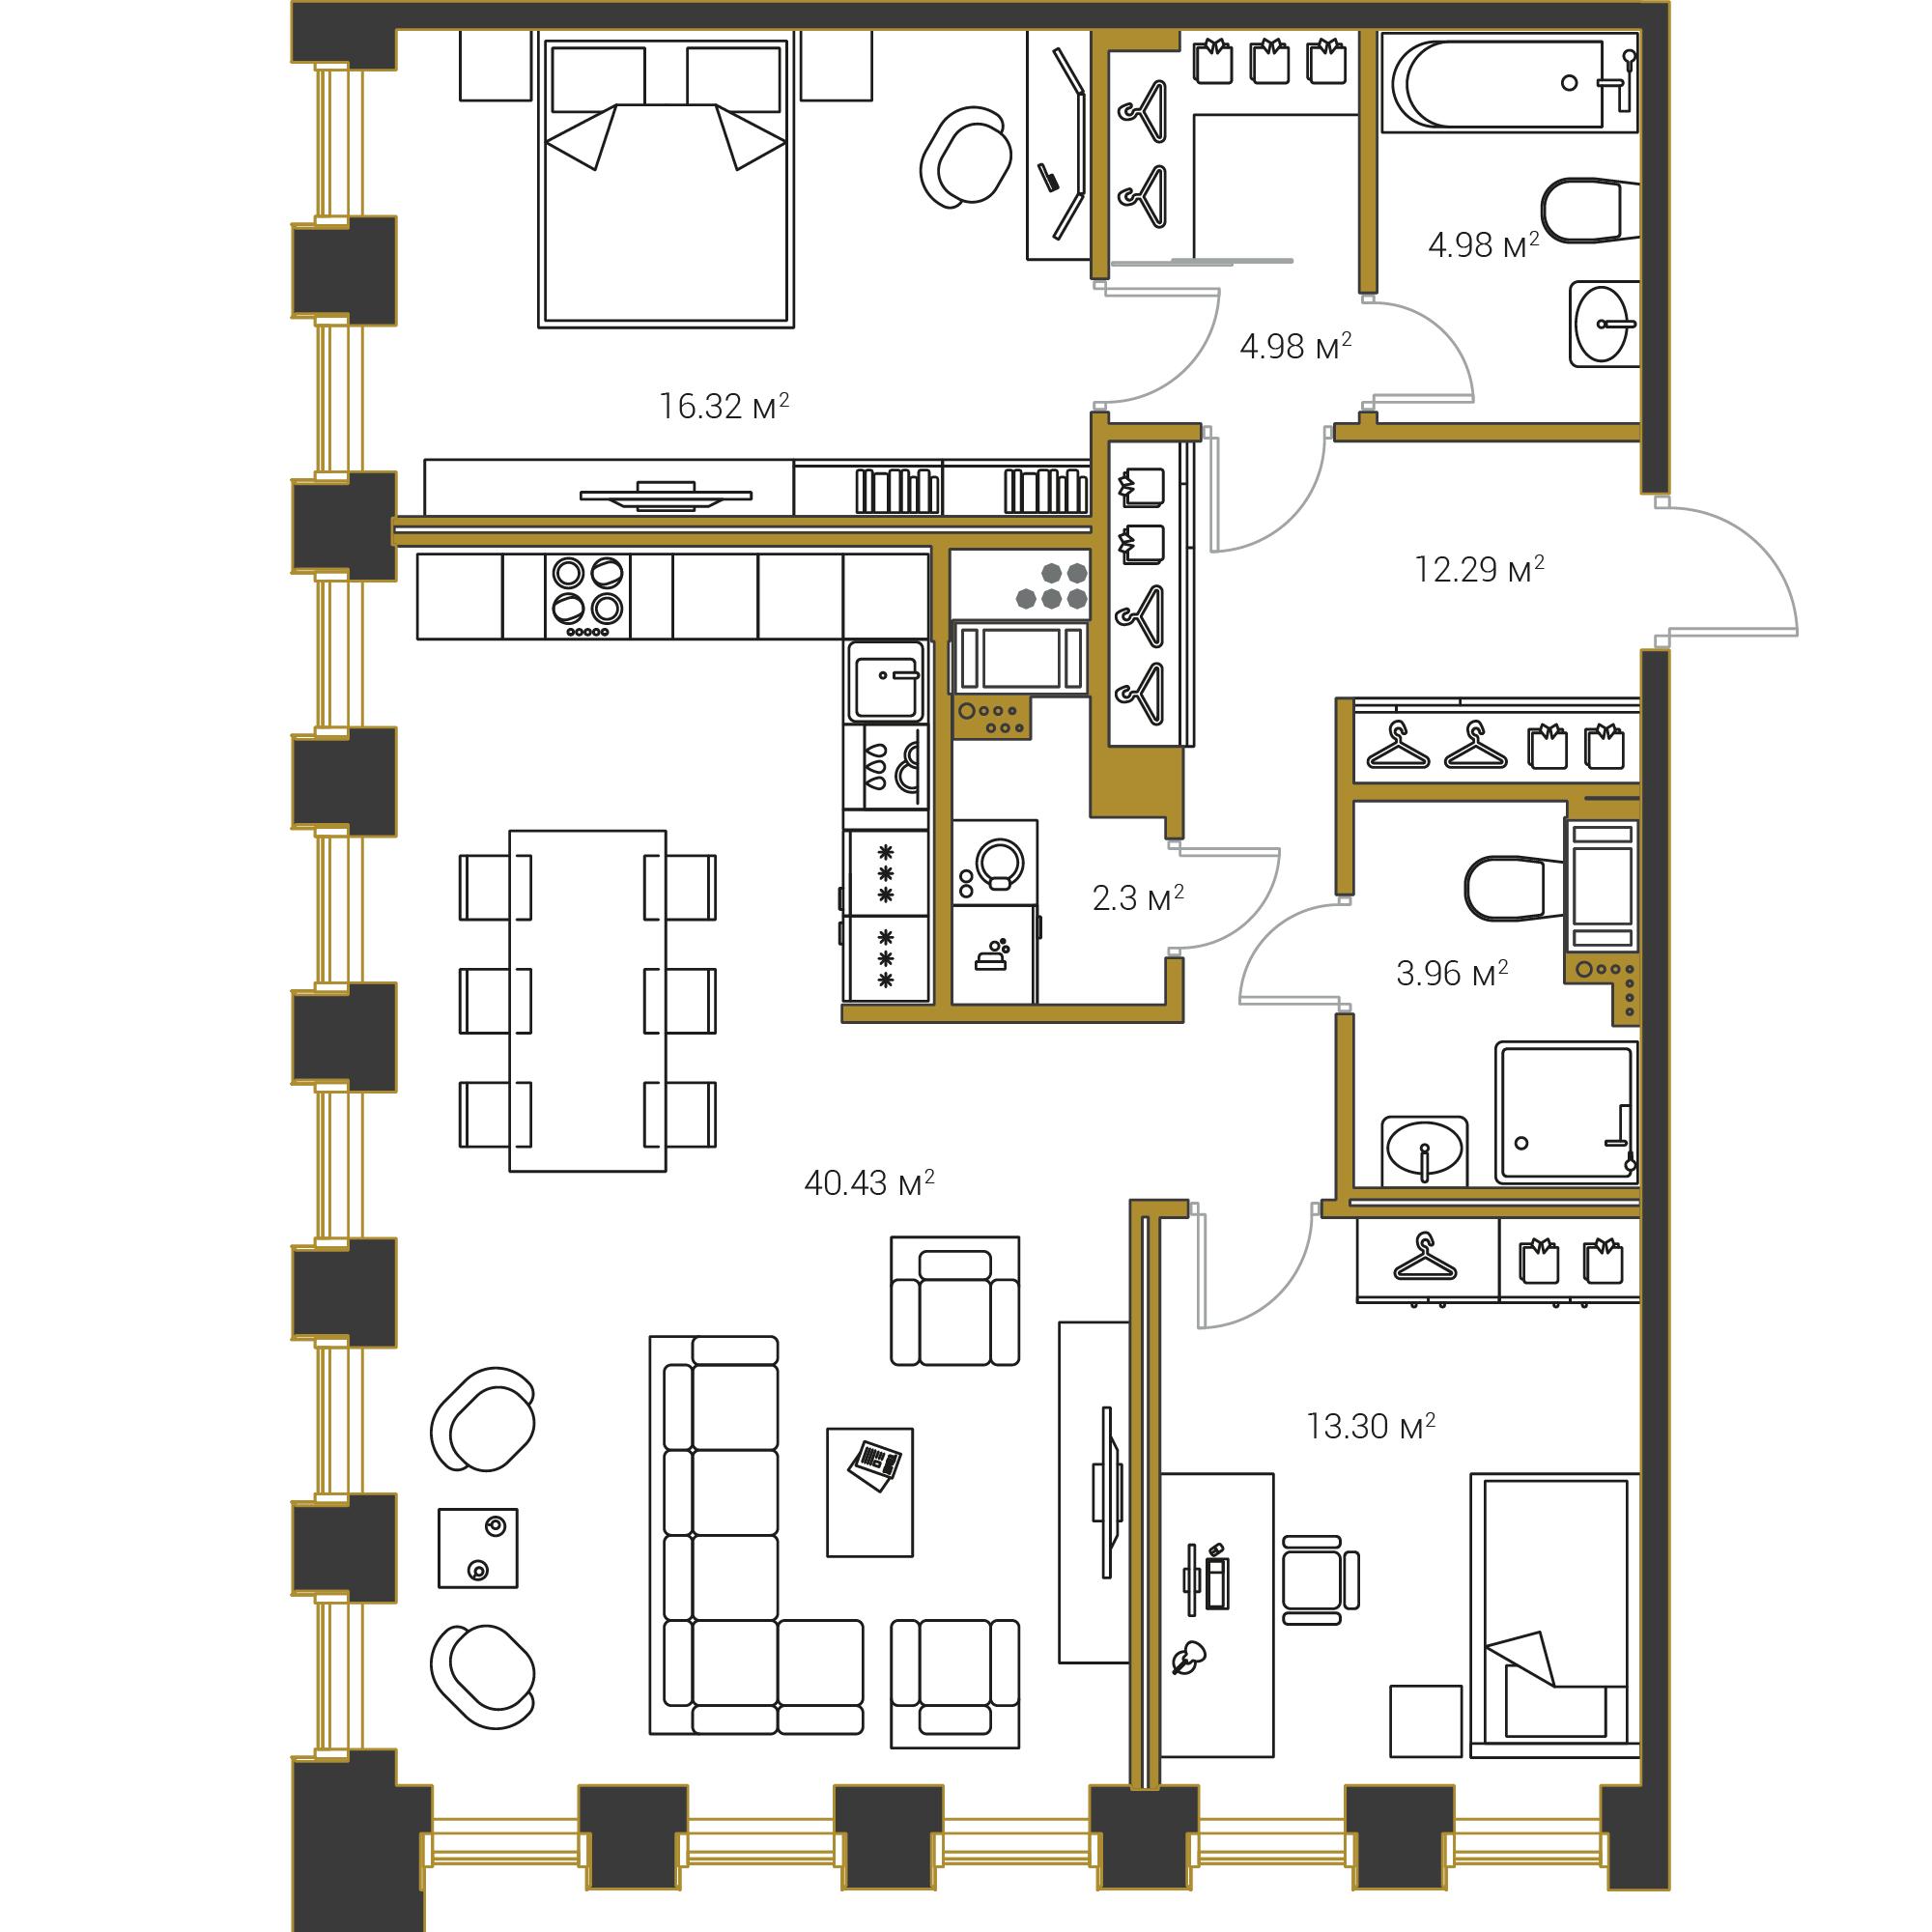 2-комнатная квартира №16 в: Институтский,16: 98.53 м²; этаж: 5 - купить в Санкт-Петербурге